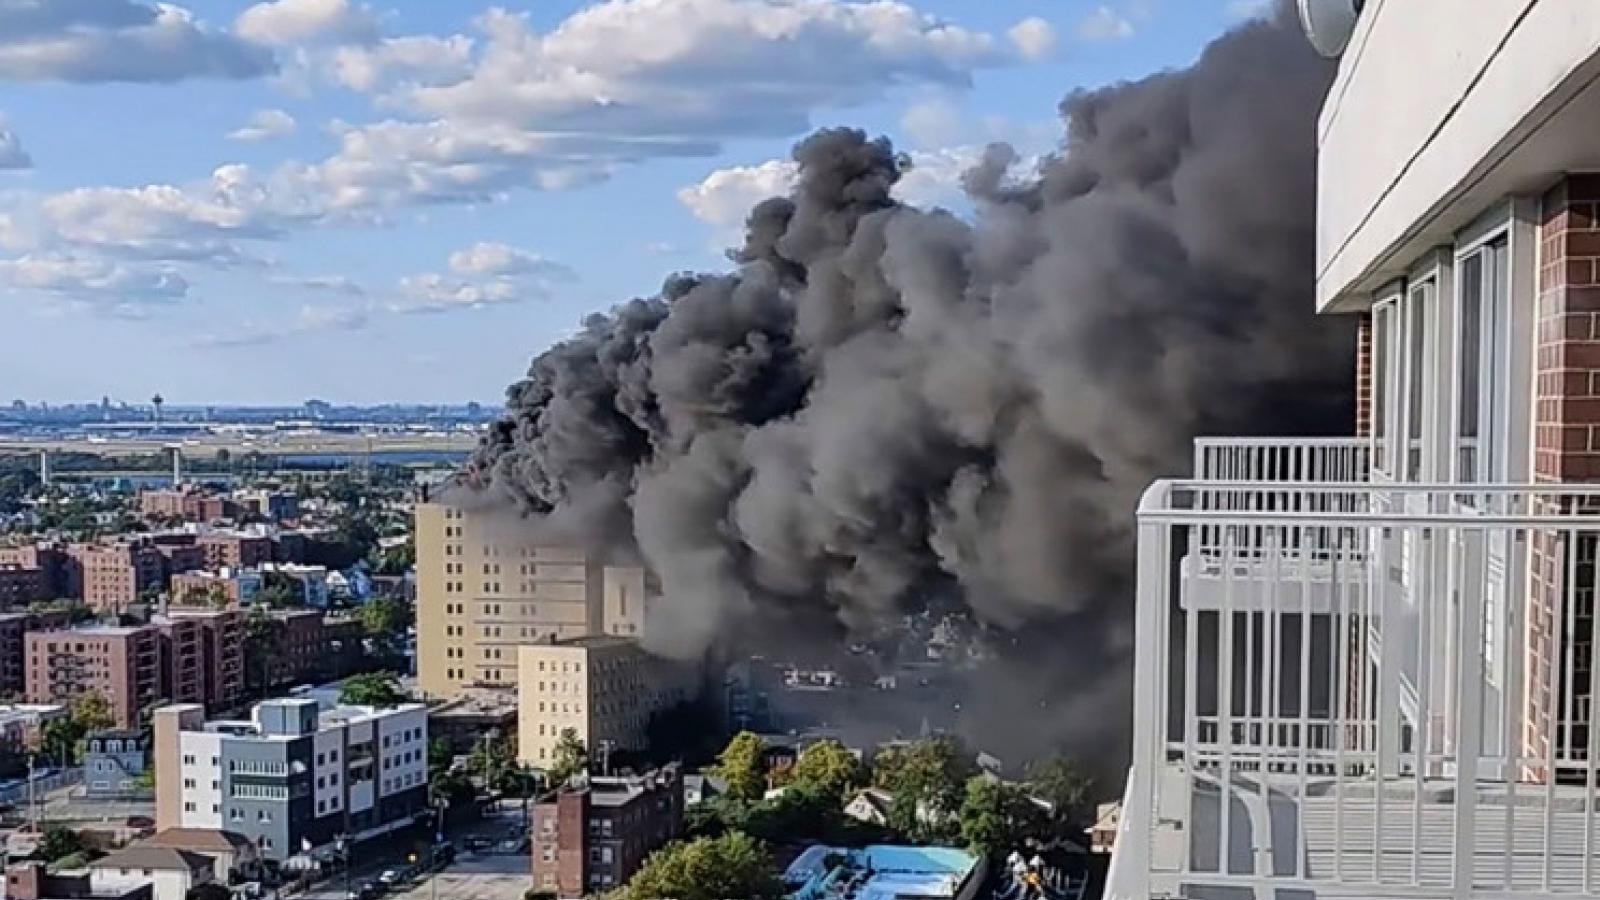 Cháy bệnh viện St. John tại New York (Mỹ) tạo ra cột khói đen cao hàng trăm mét